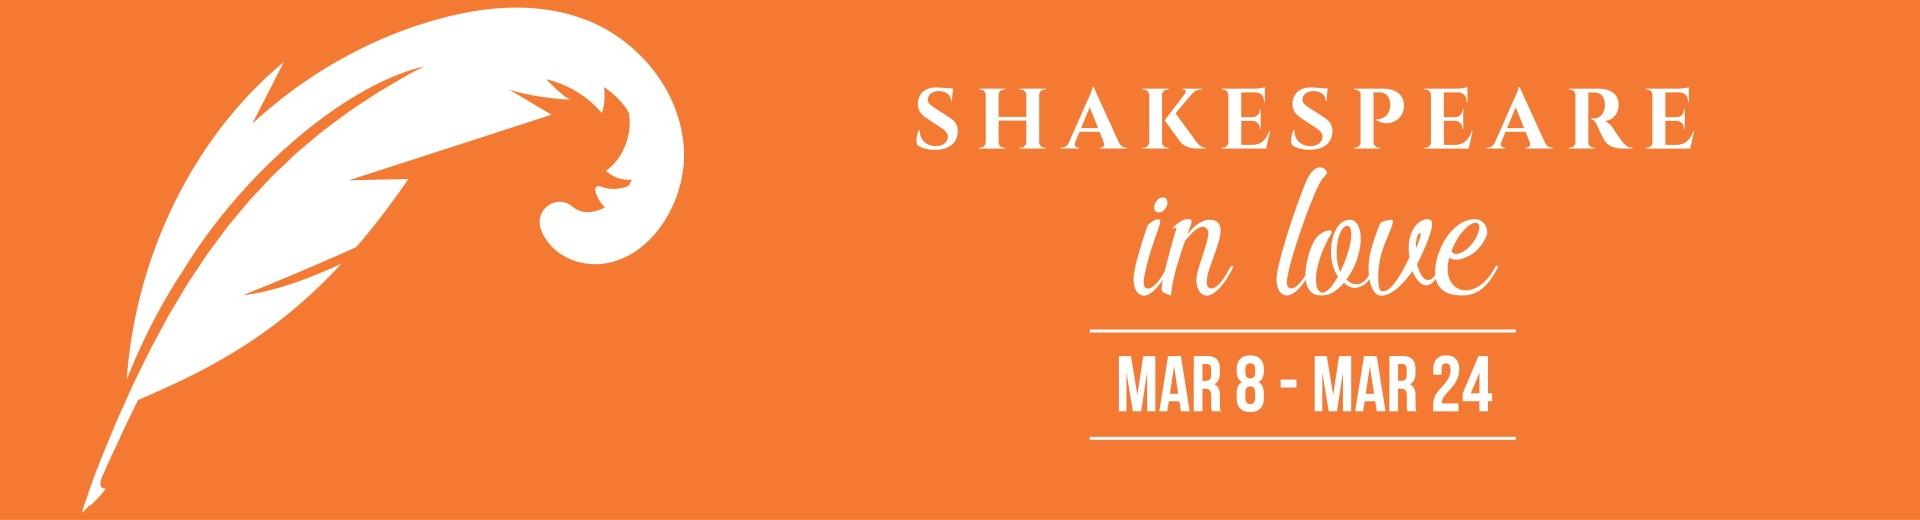 Tcr shakespeareinlove